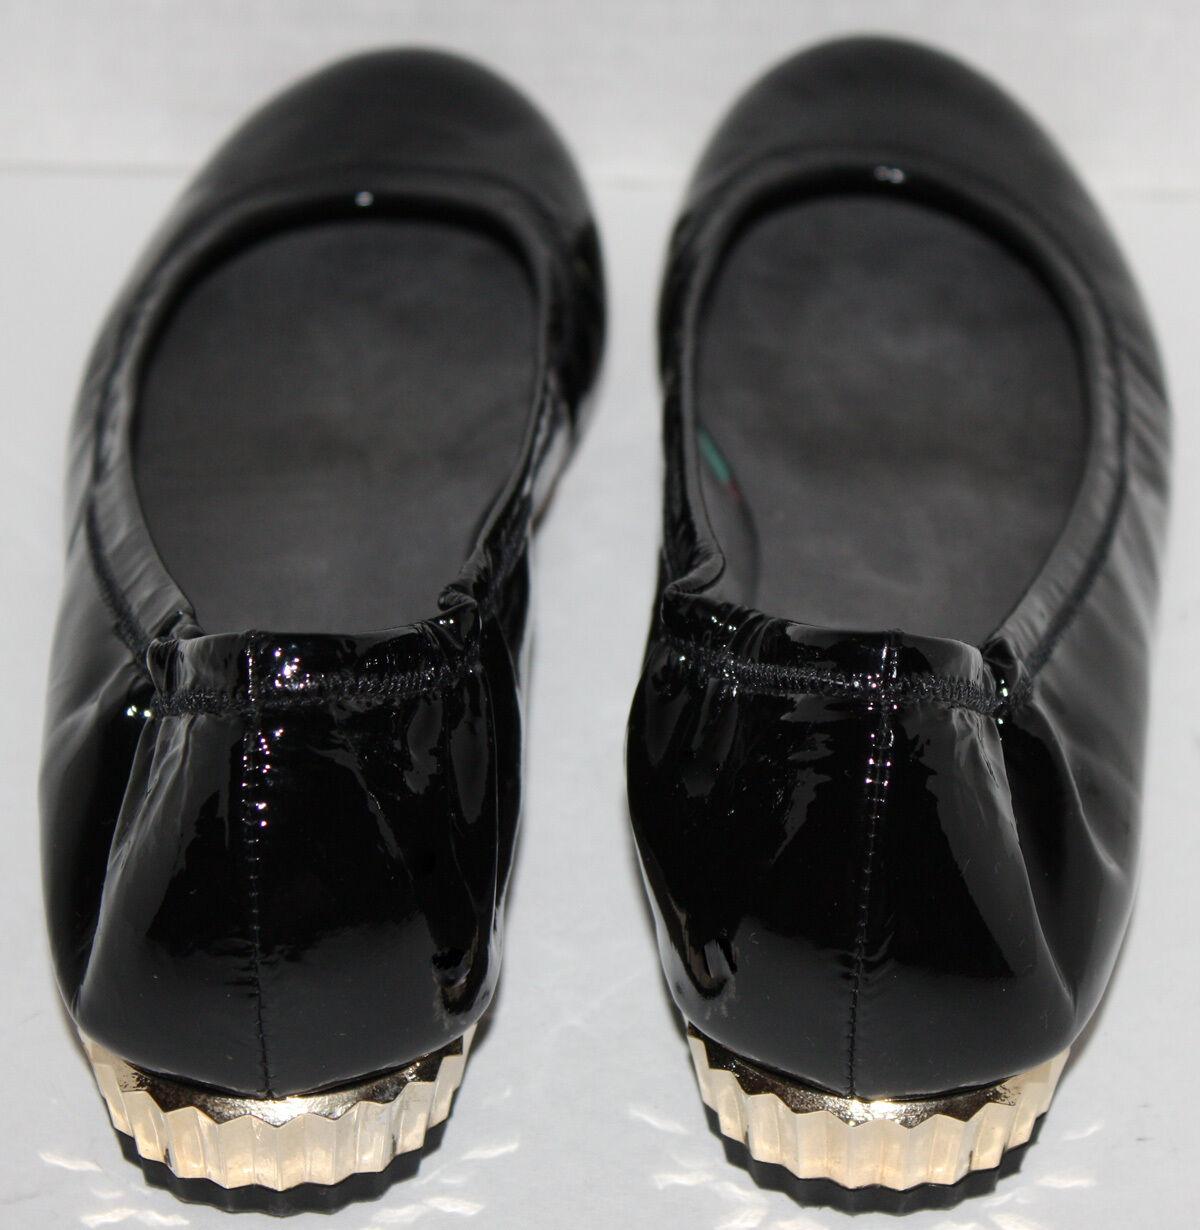 EUC Womens Stuart Weitzman Black Patent Patent Patent shoes Size 8.5 00a2a7